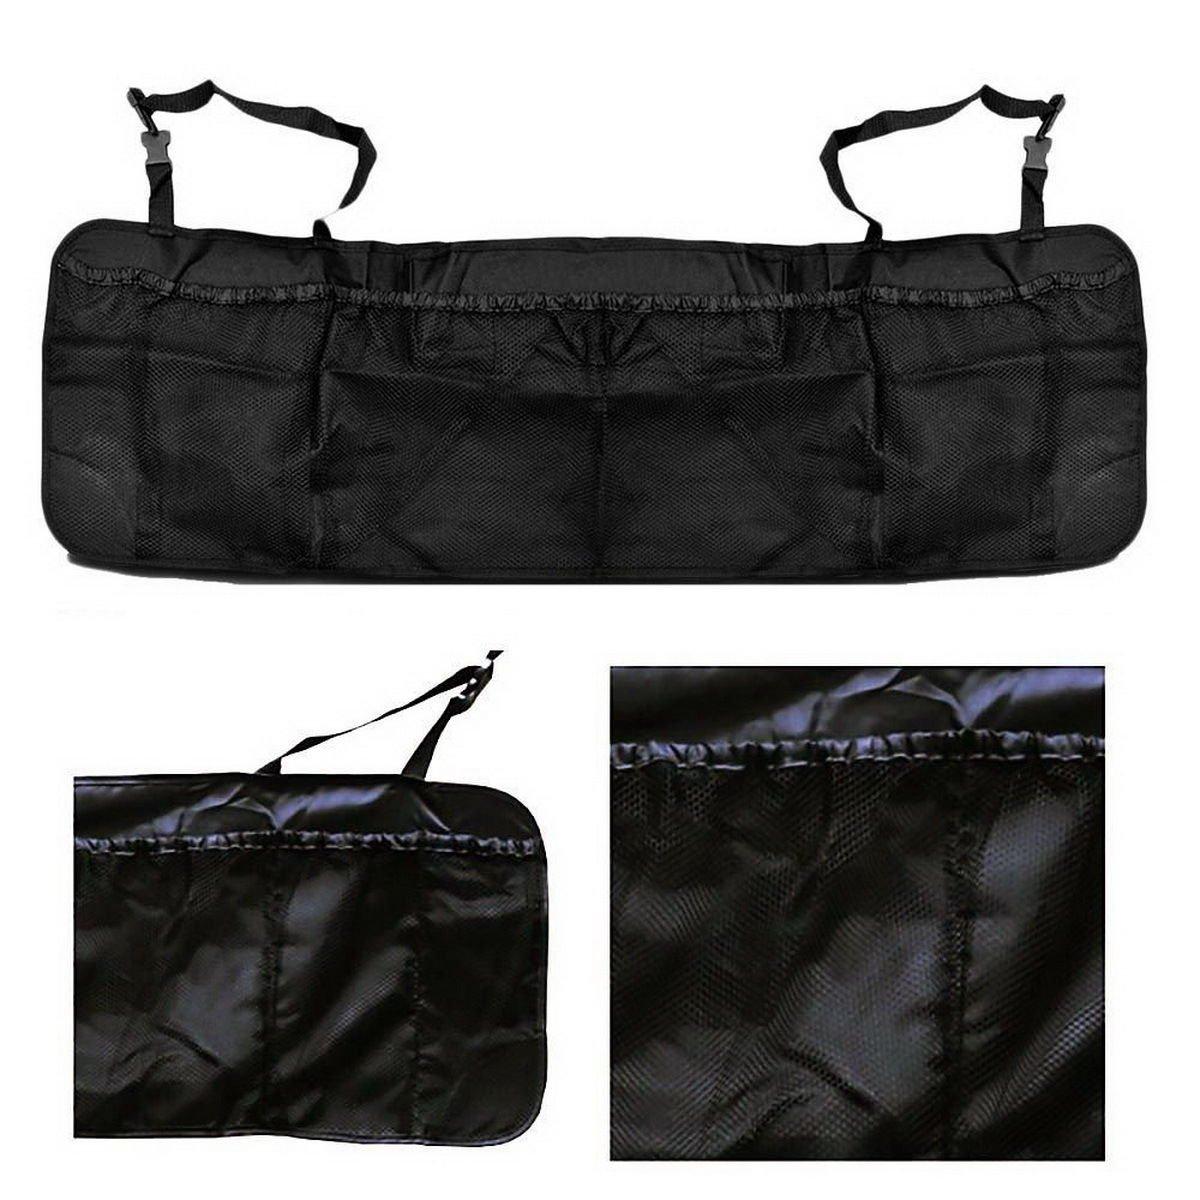 juguetes Coche 5/bolsillo Organizador para respaldo de asiento de coche iPad botellas de agua y zumo cajas Tablets